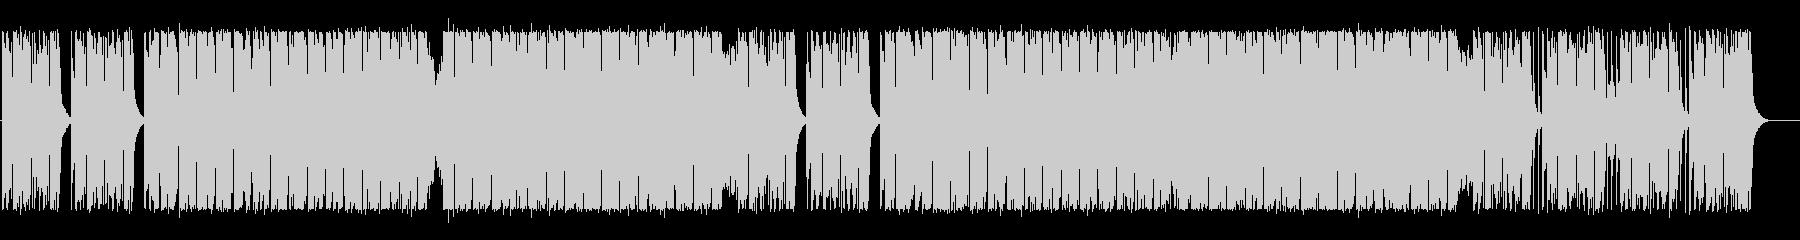 エネルギー溢れるテクノBGMの未再生の波形